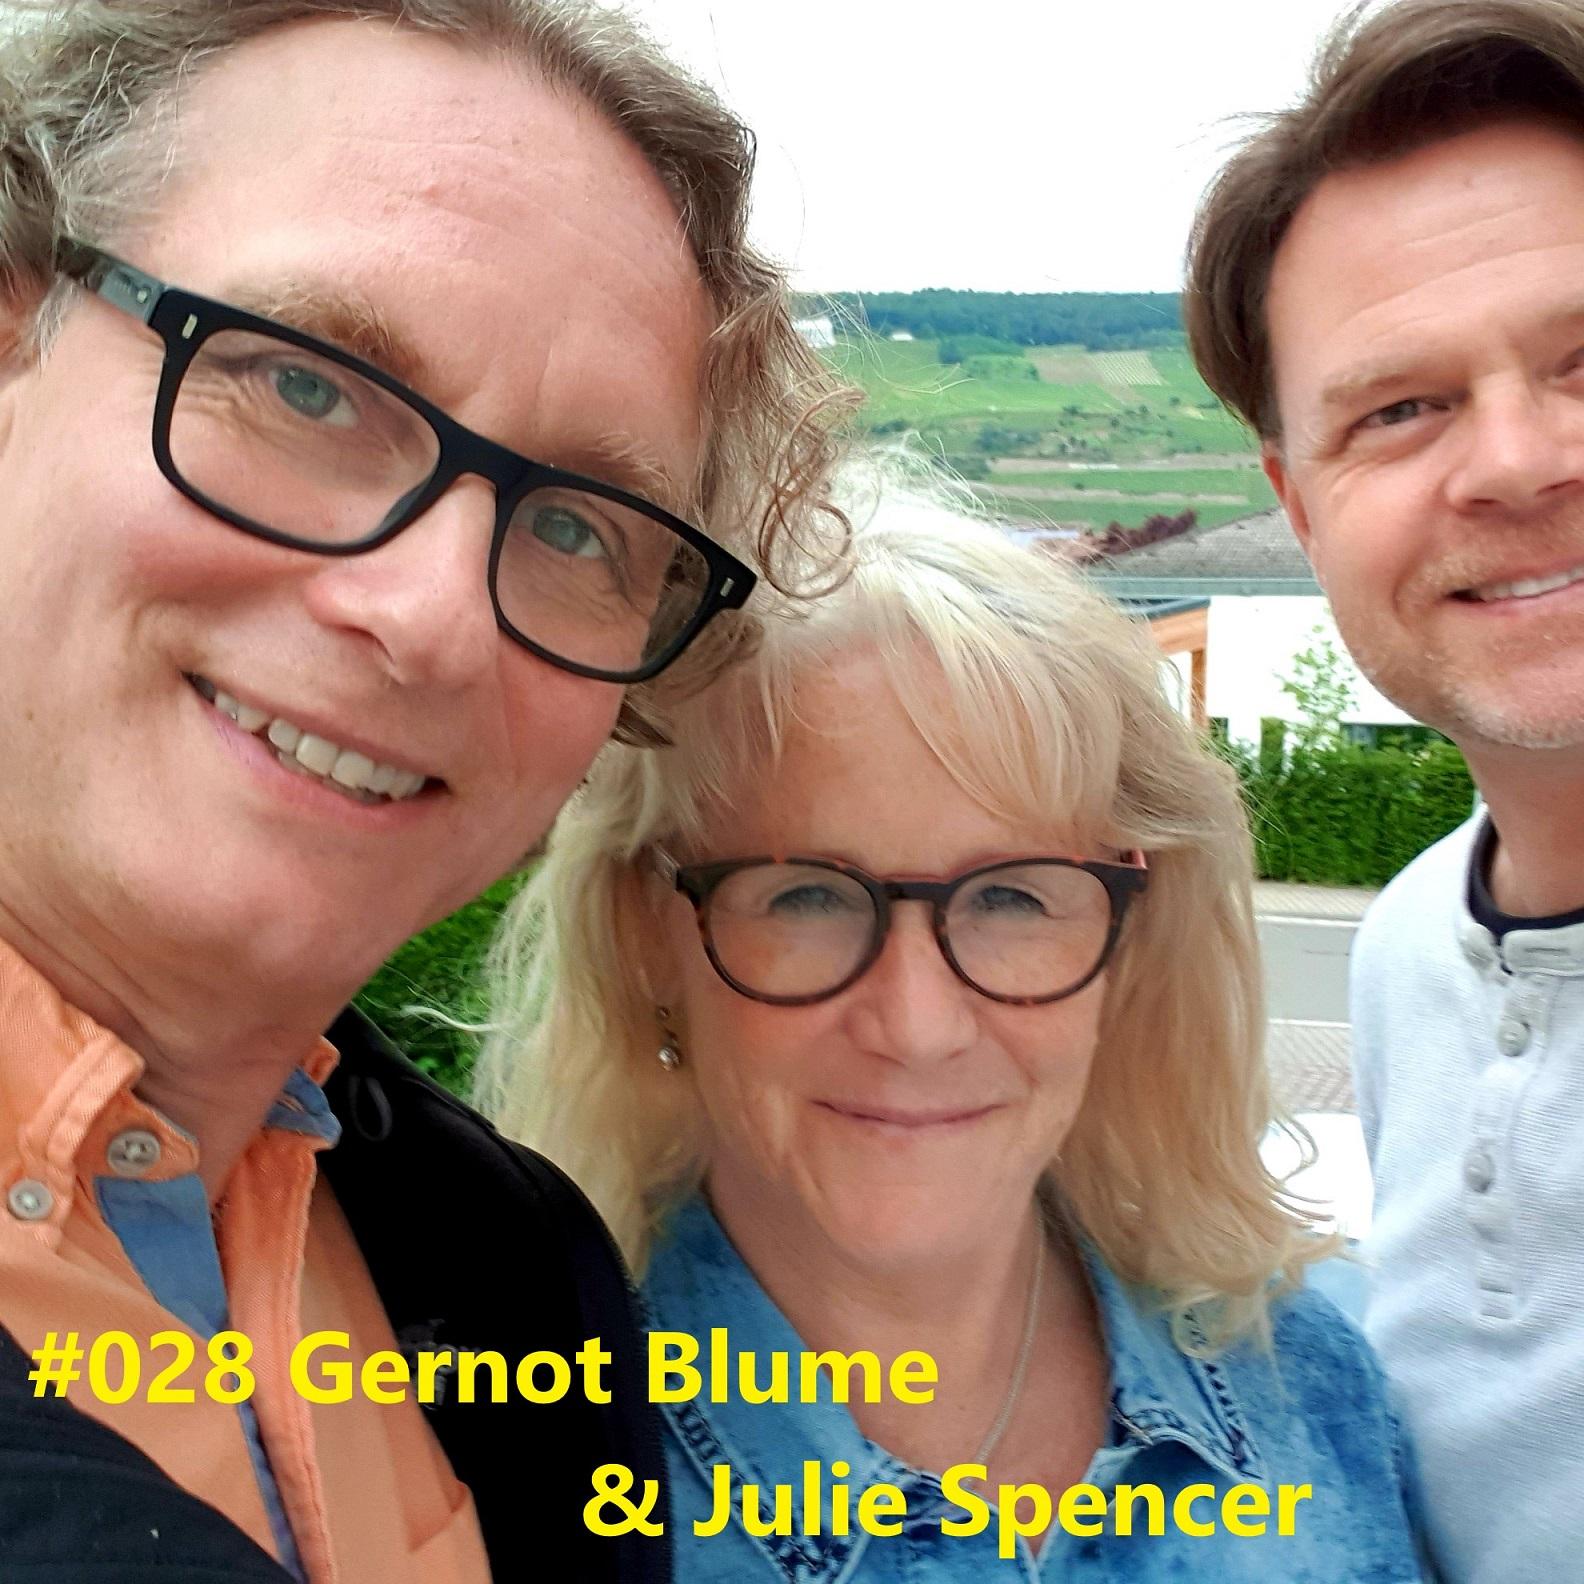 Gernot Blume & Julie Spencer